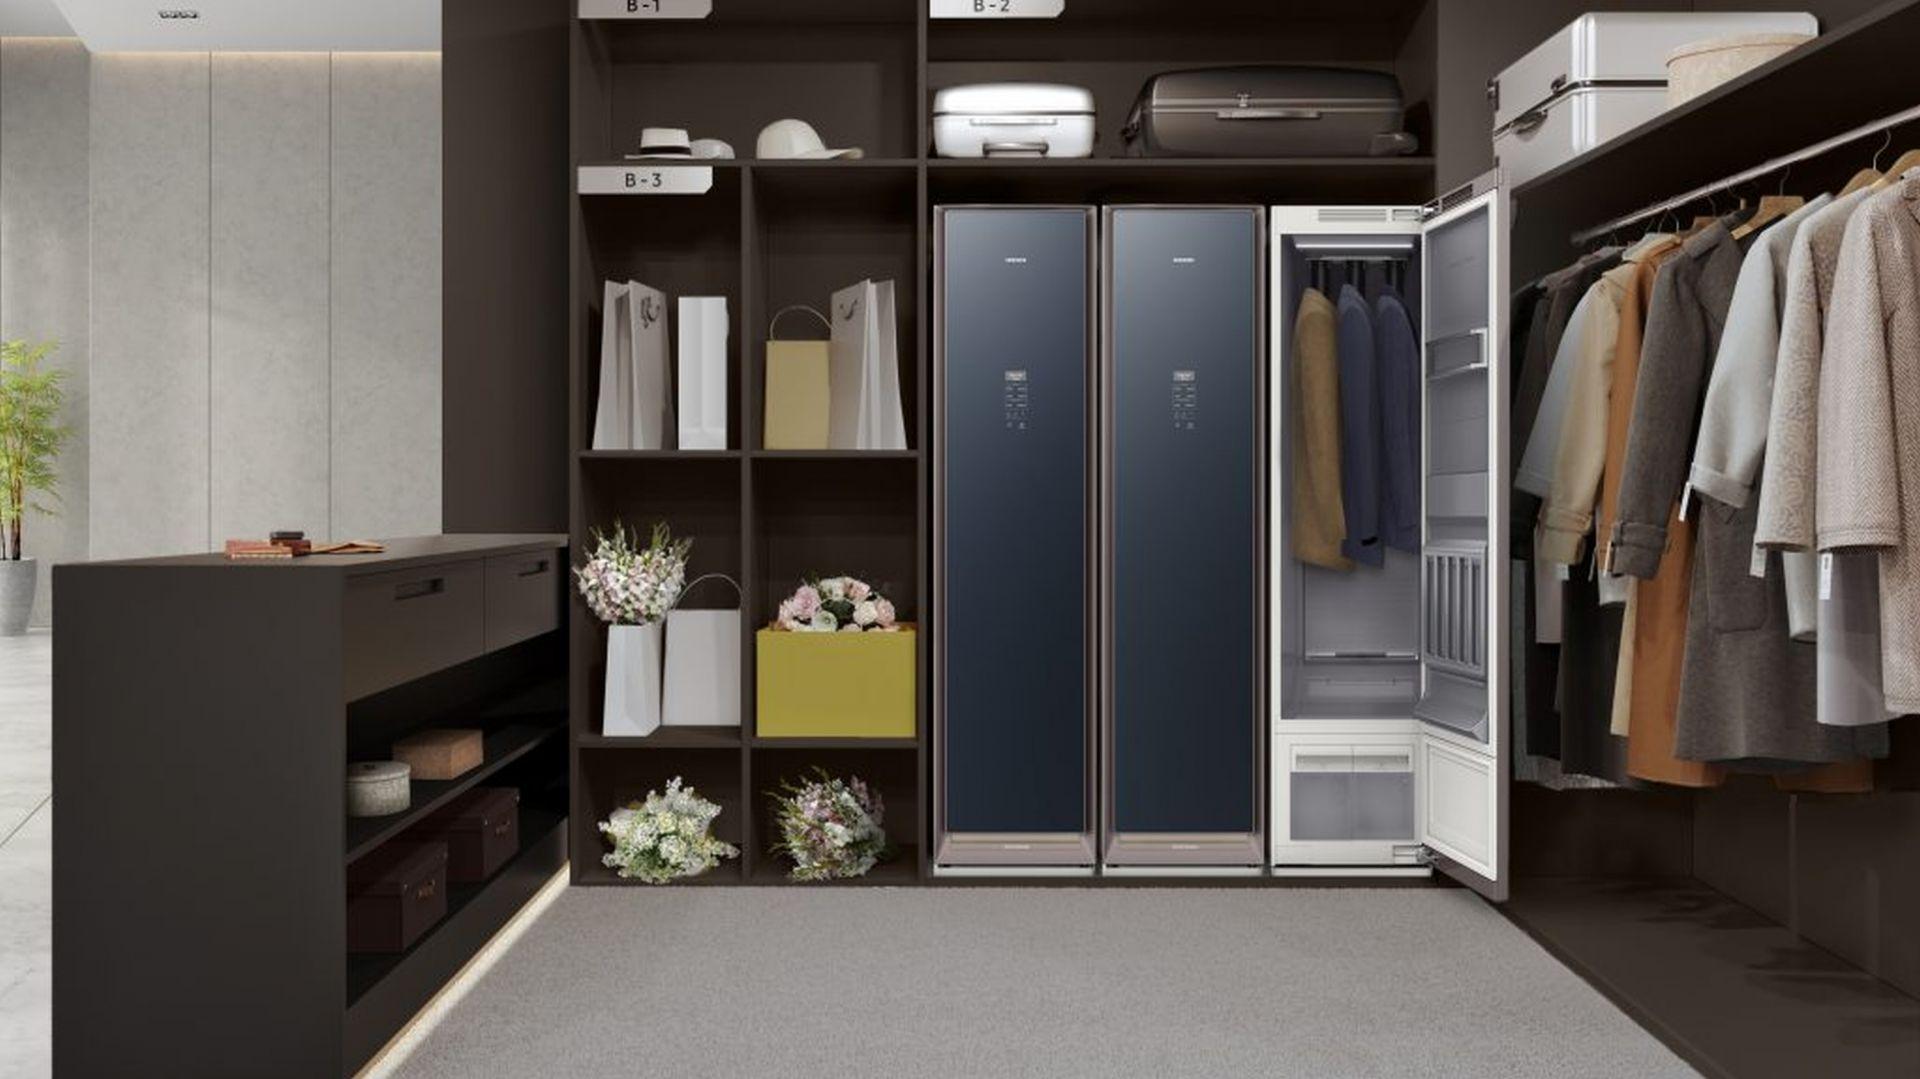 Wystarczy otworzyć drzwi AirDresser i uruchomić funkcję funkcje RoomCare, aby zapachy i wilgoć zostały pochłonięta przez szafę. Cena 8.999 zł Fot. Samsung